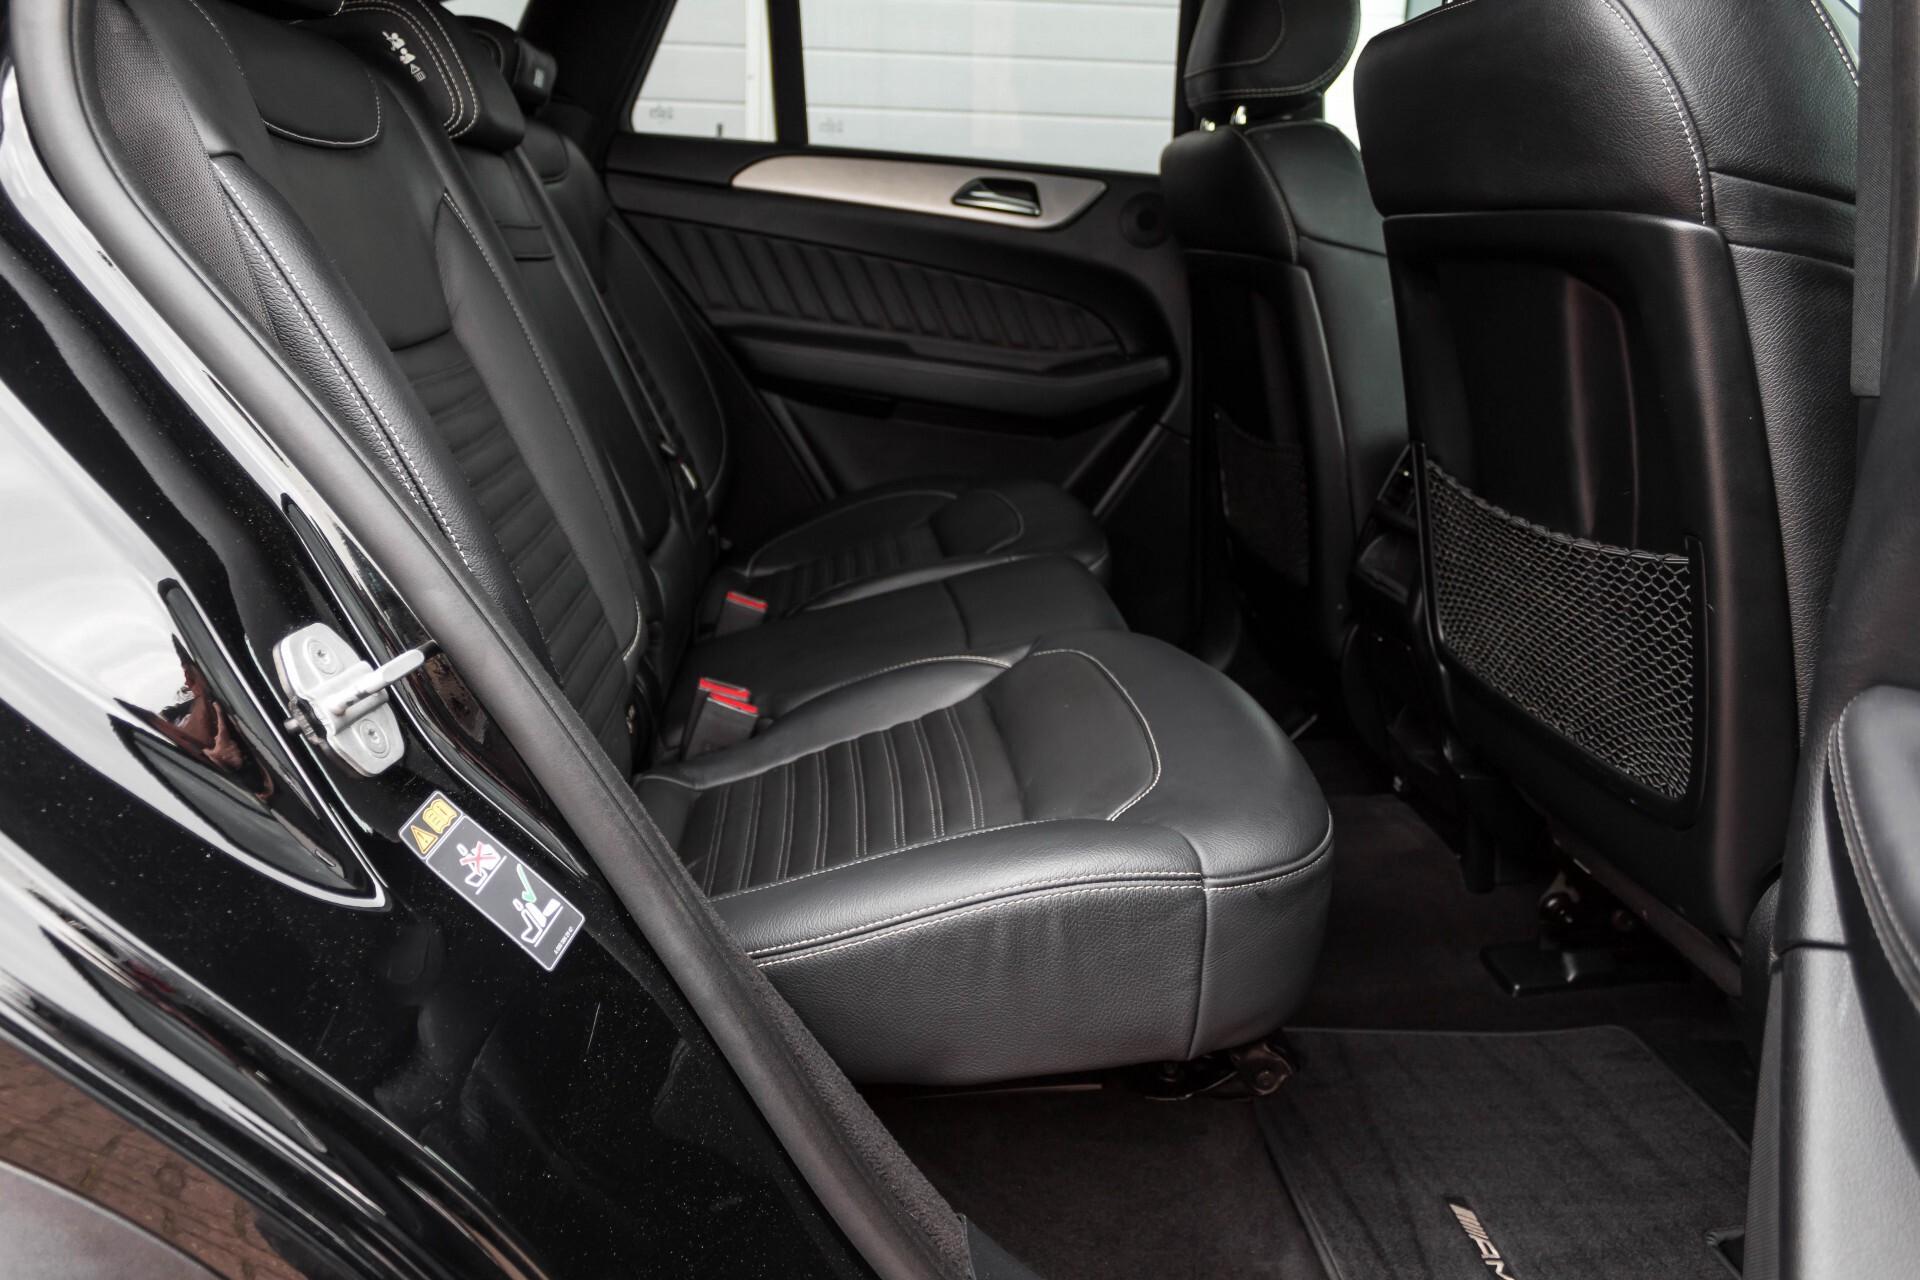 Mercedes-Benz GLE Coupé 350 d 4-M AMG Luchtvering/Distronic/Panorama/Mem/Trekhaak Aut9 Foto 4